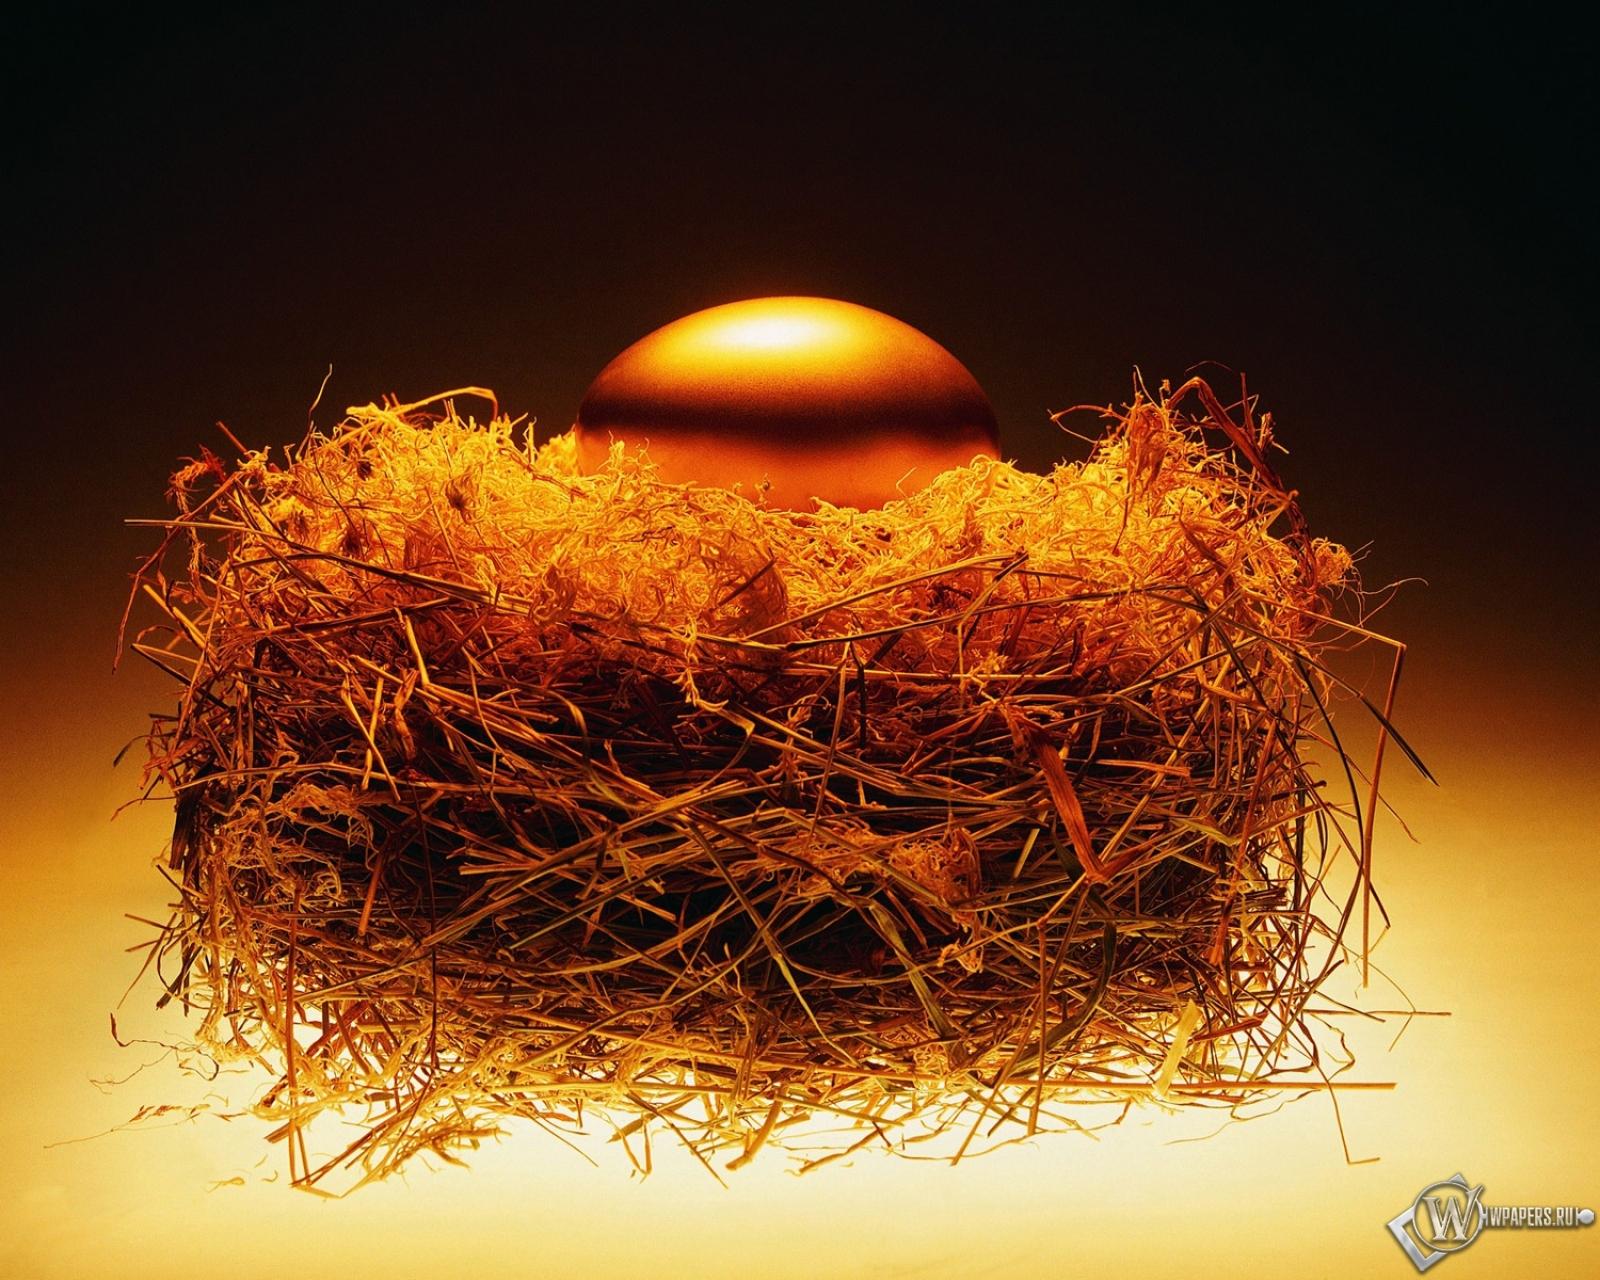 Золотое яйцо в гнезде 1600x1280